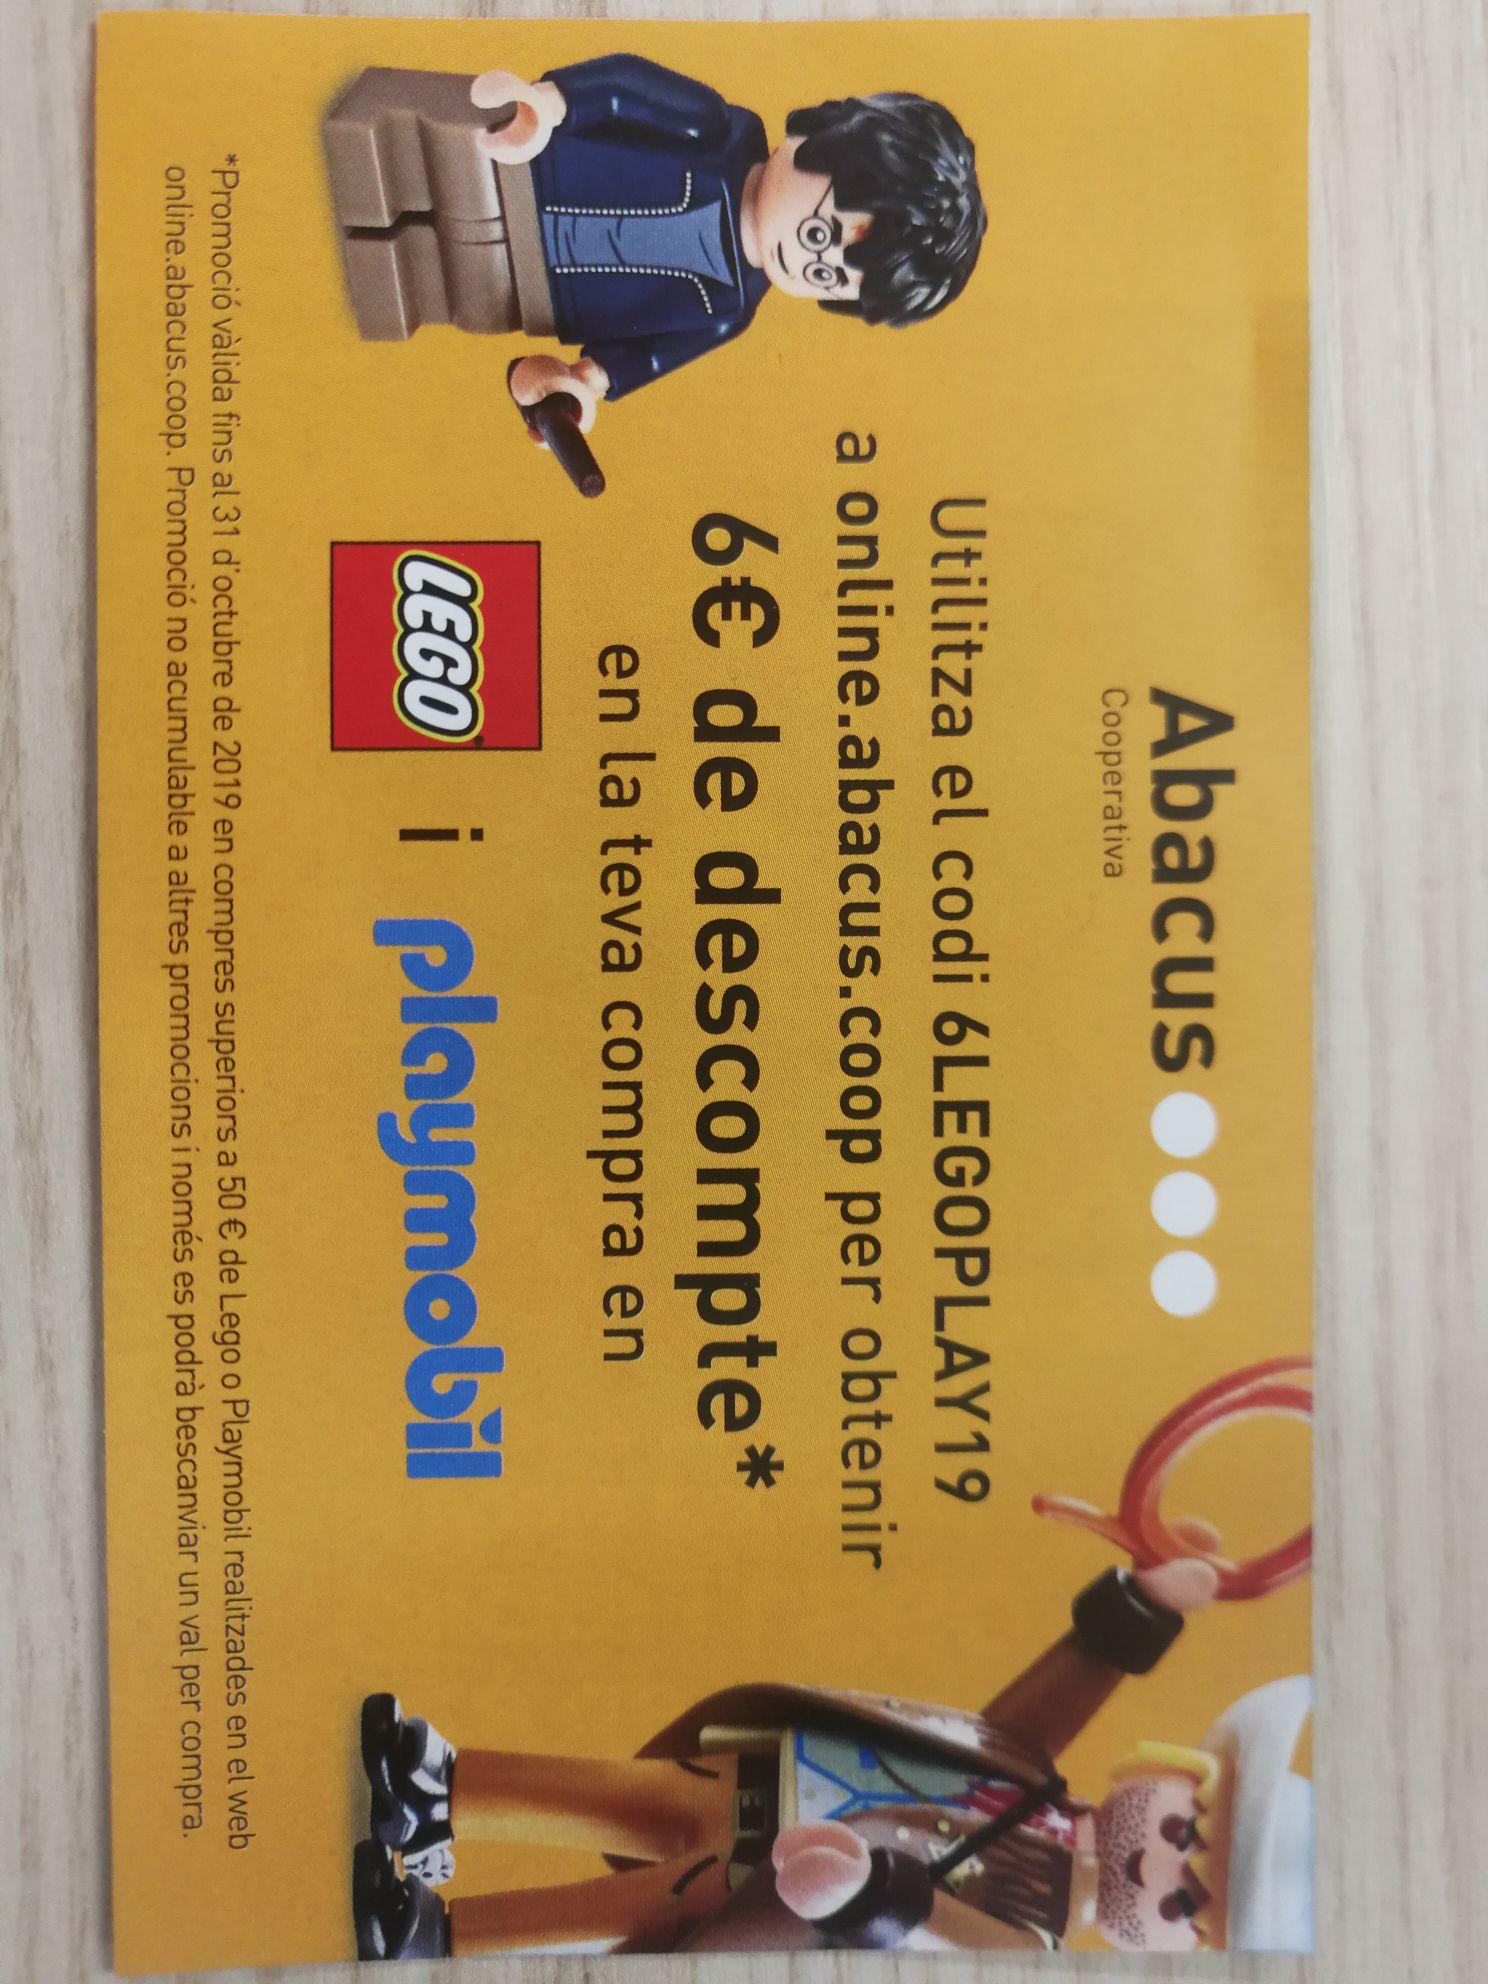 Descuento de 6 euros Lego y Playmobil.